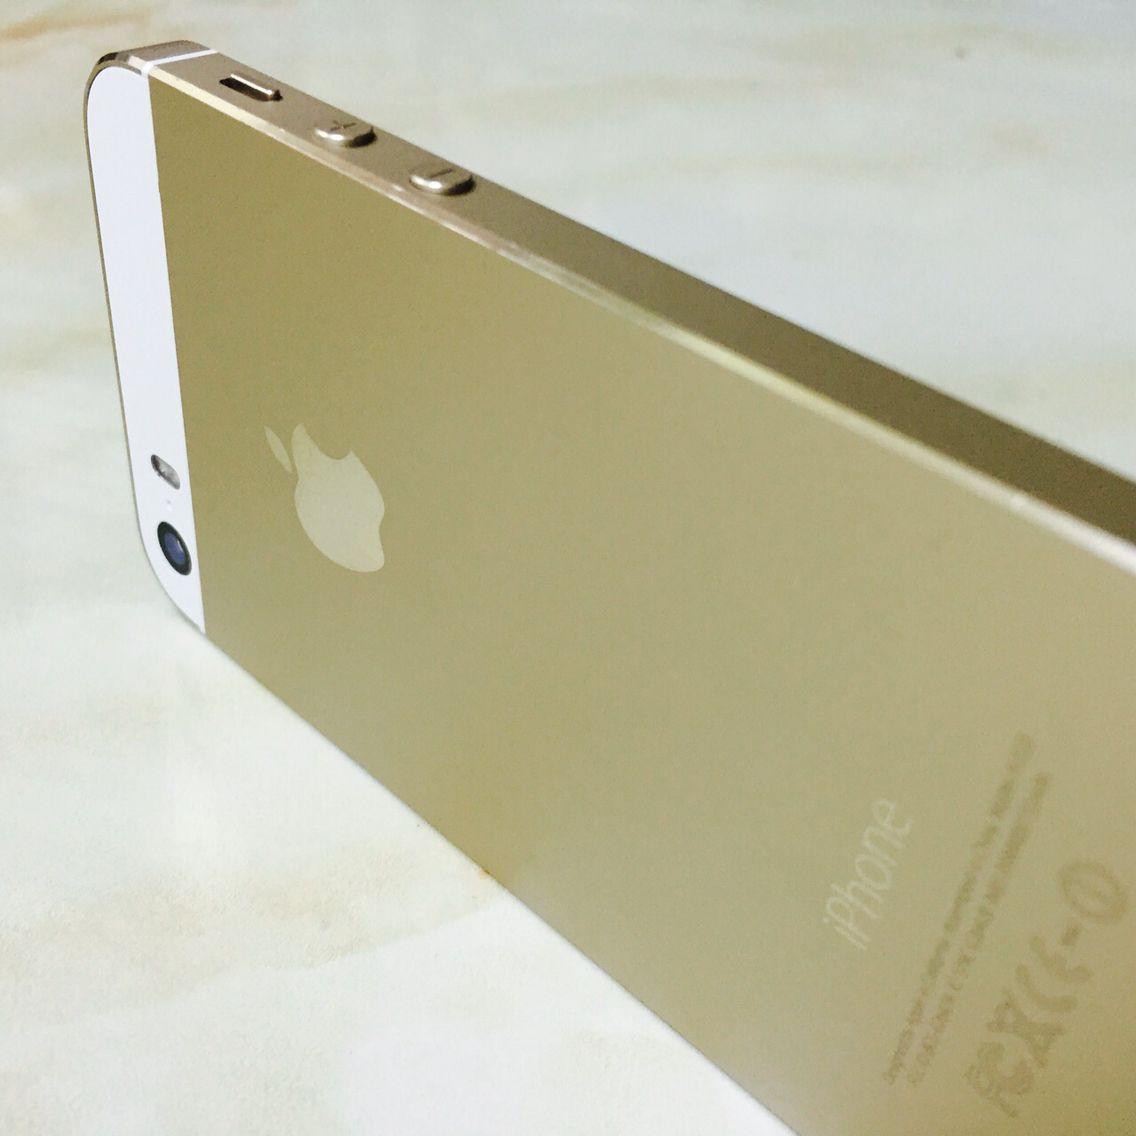 My iPhone 5s